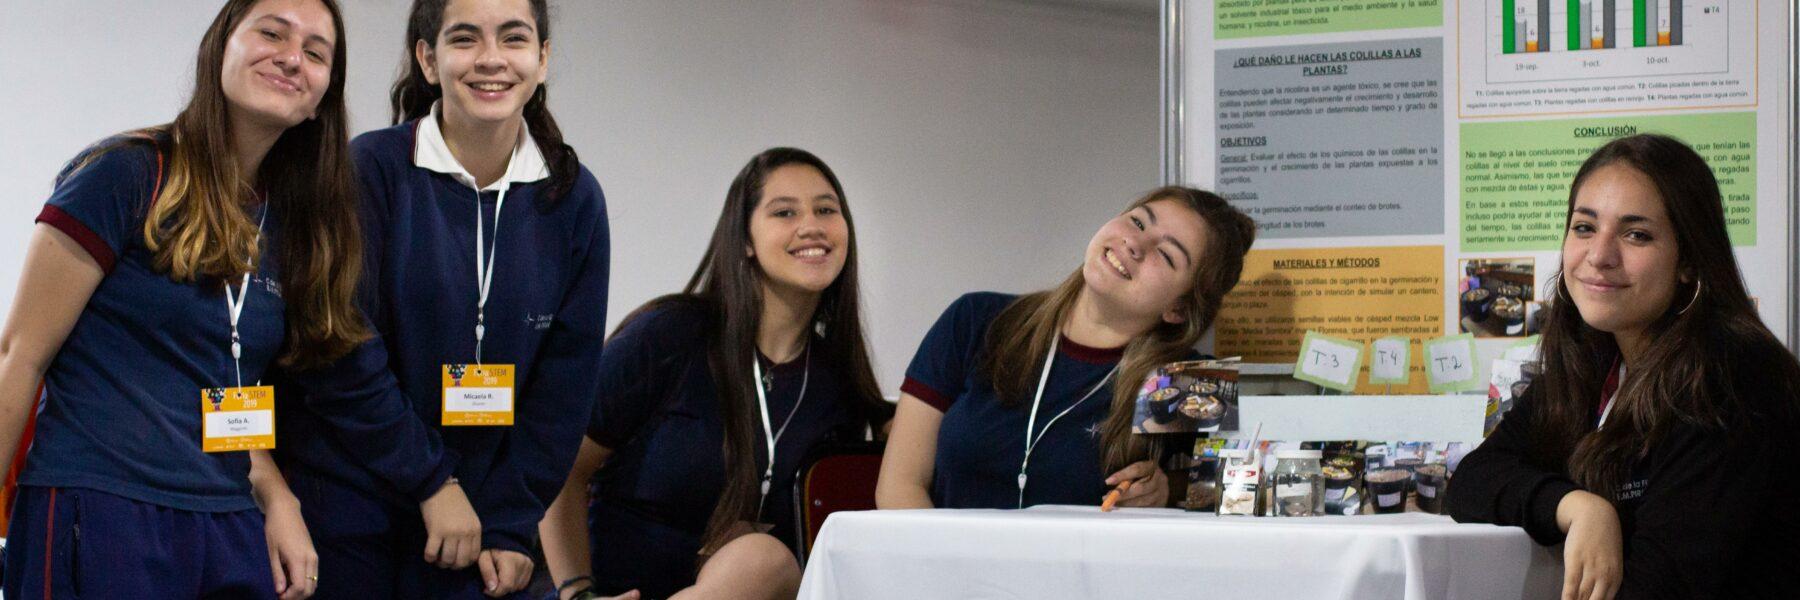 grupo de niñas sonriendo